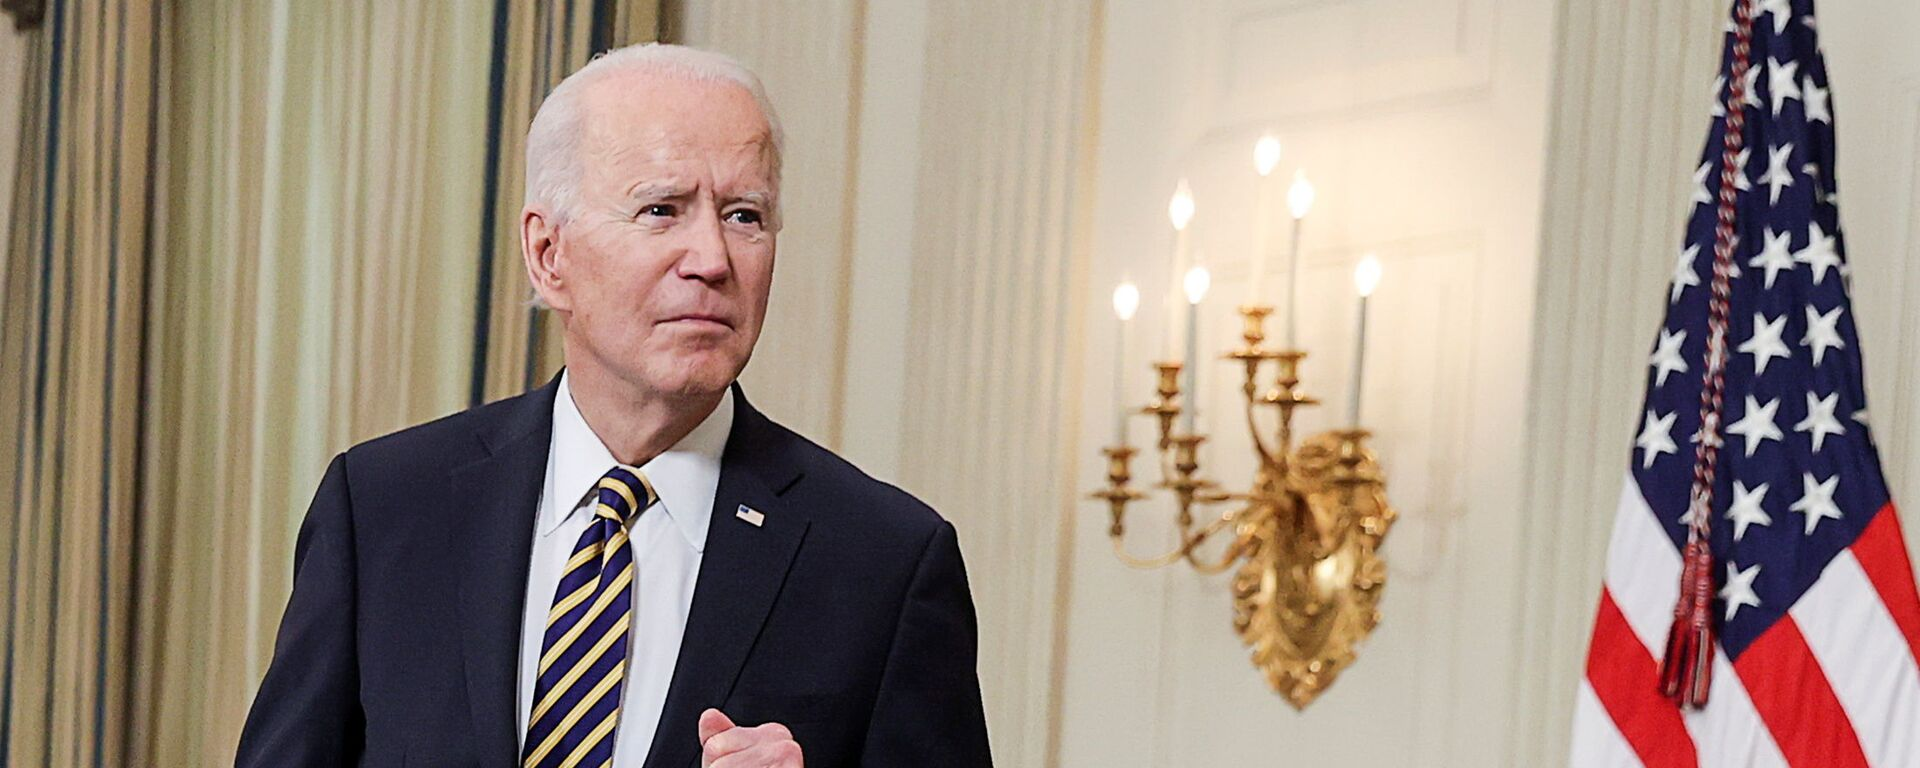 Joe Biden alla Casa Bianca il giorno della firma dell'ordine esecutivo sul muro del Messico - Sputnik Italia, 1920, 21.08.2021